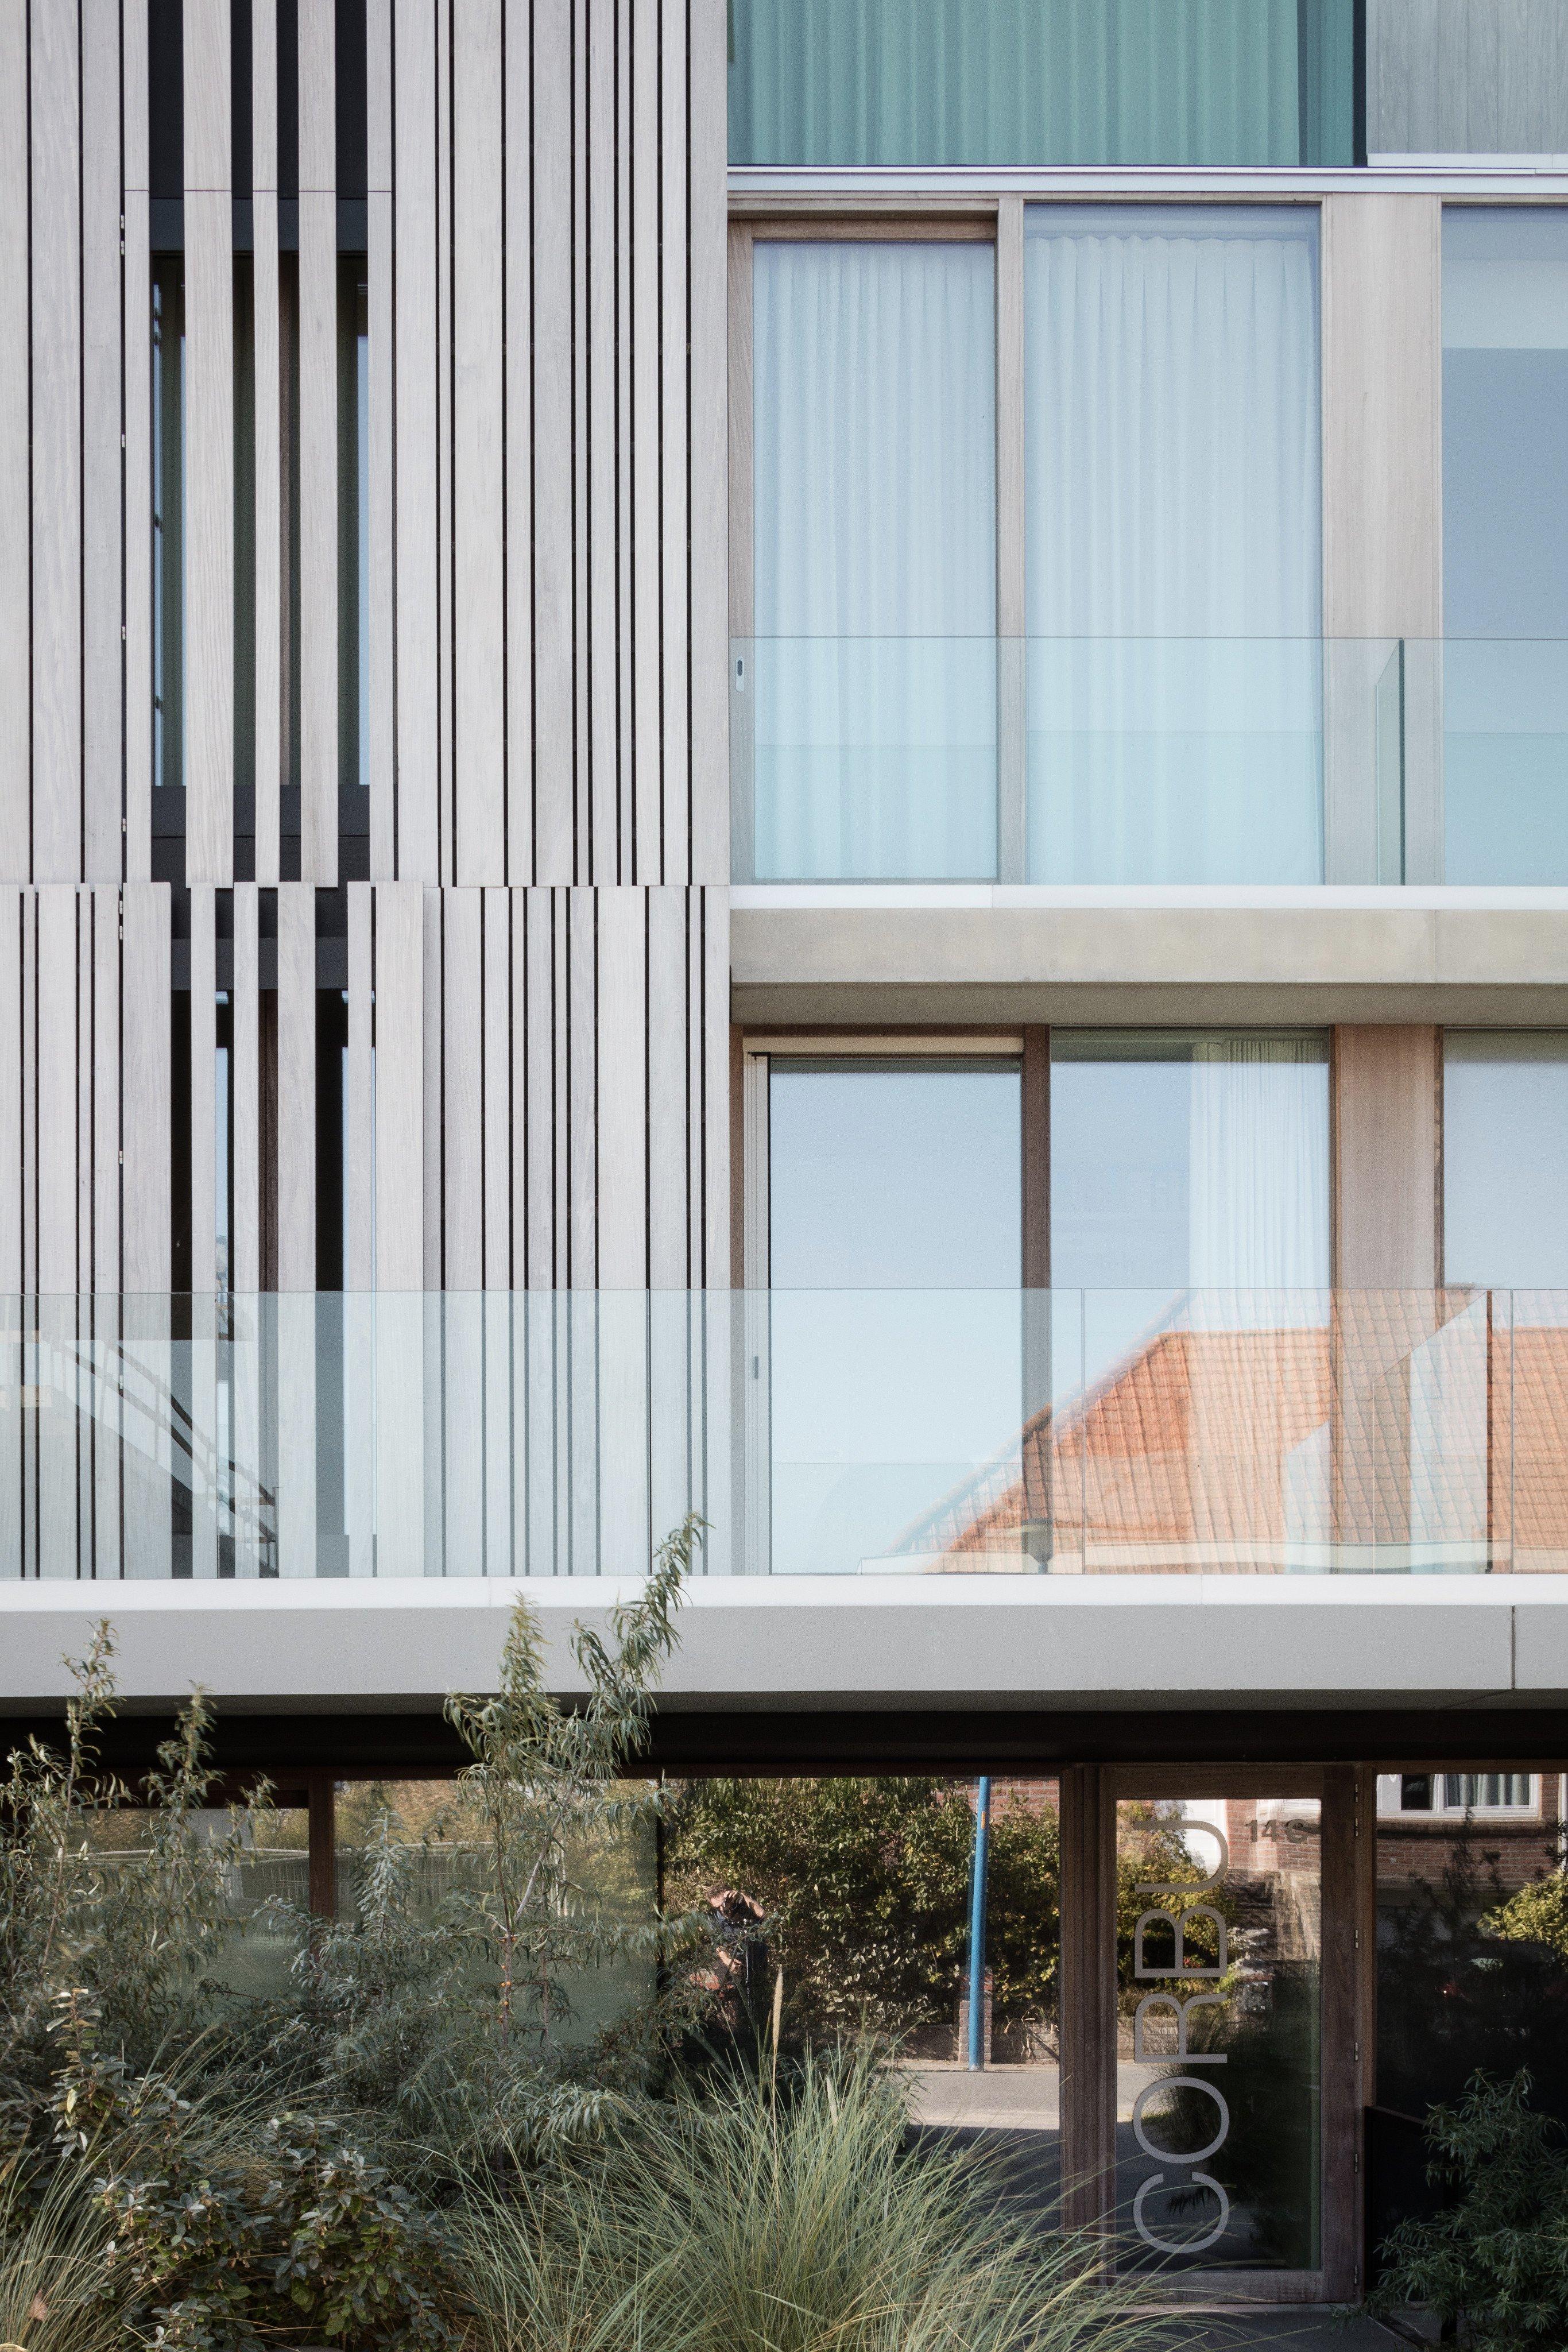 Rietveldprojects-Corbu-Koksijde-Fototimvandevelde